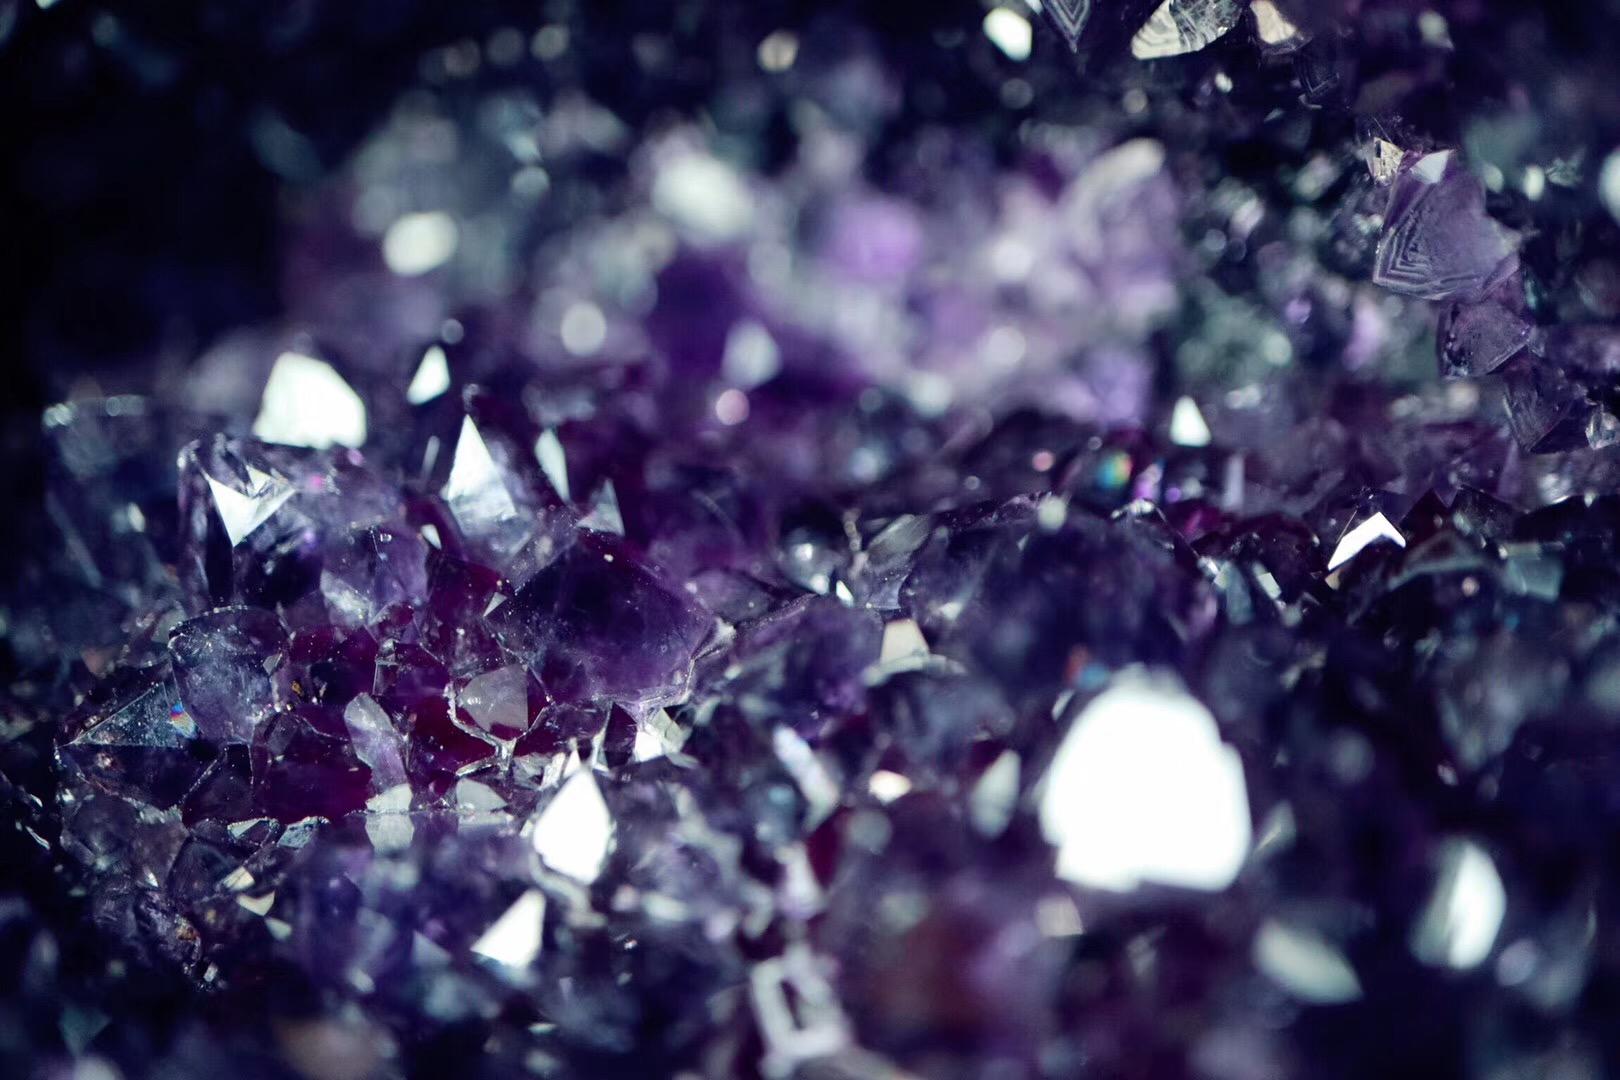 【紫晶洞】奉上一款智慧之眼紫晶洞,令你明心静气-菩心晶舍